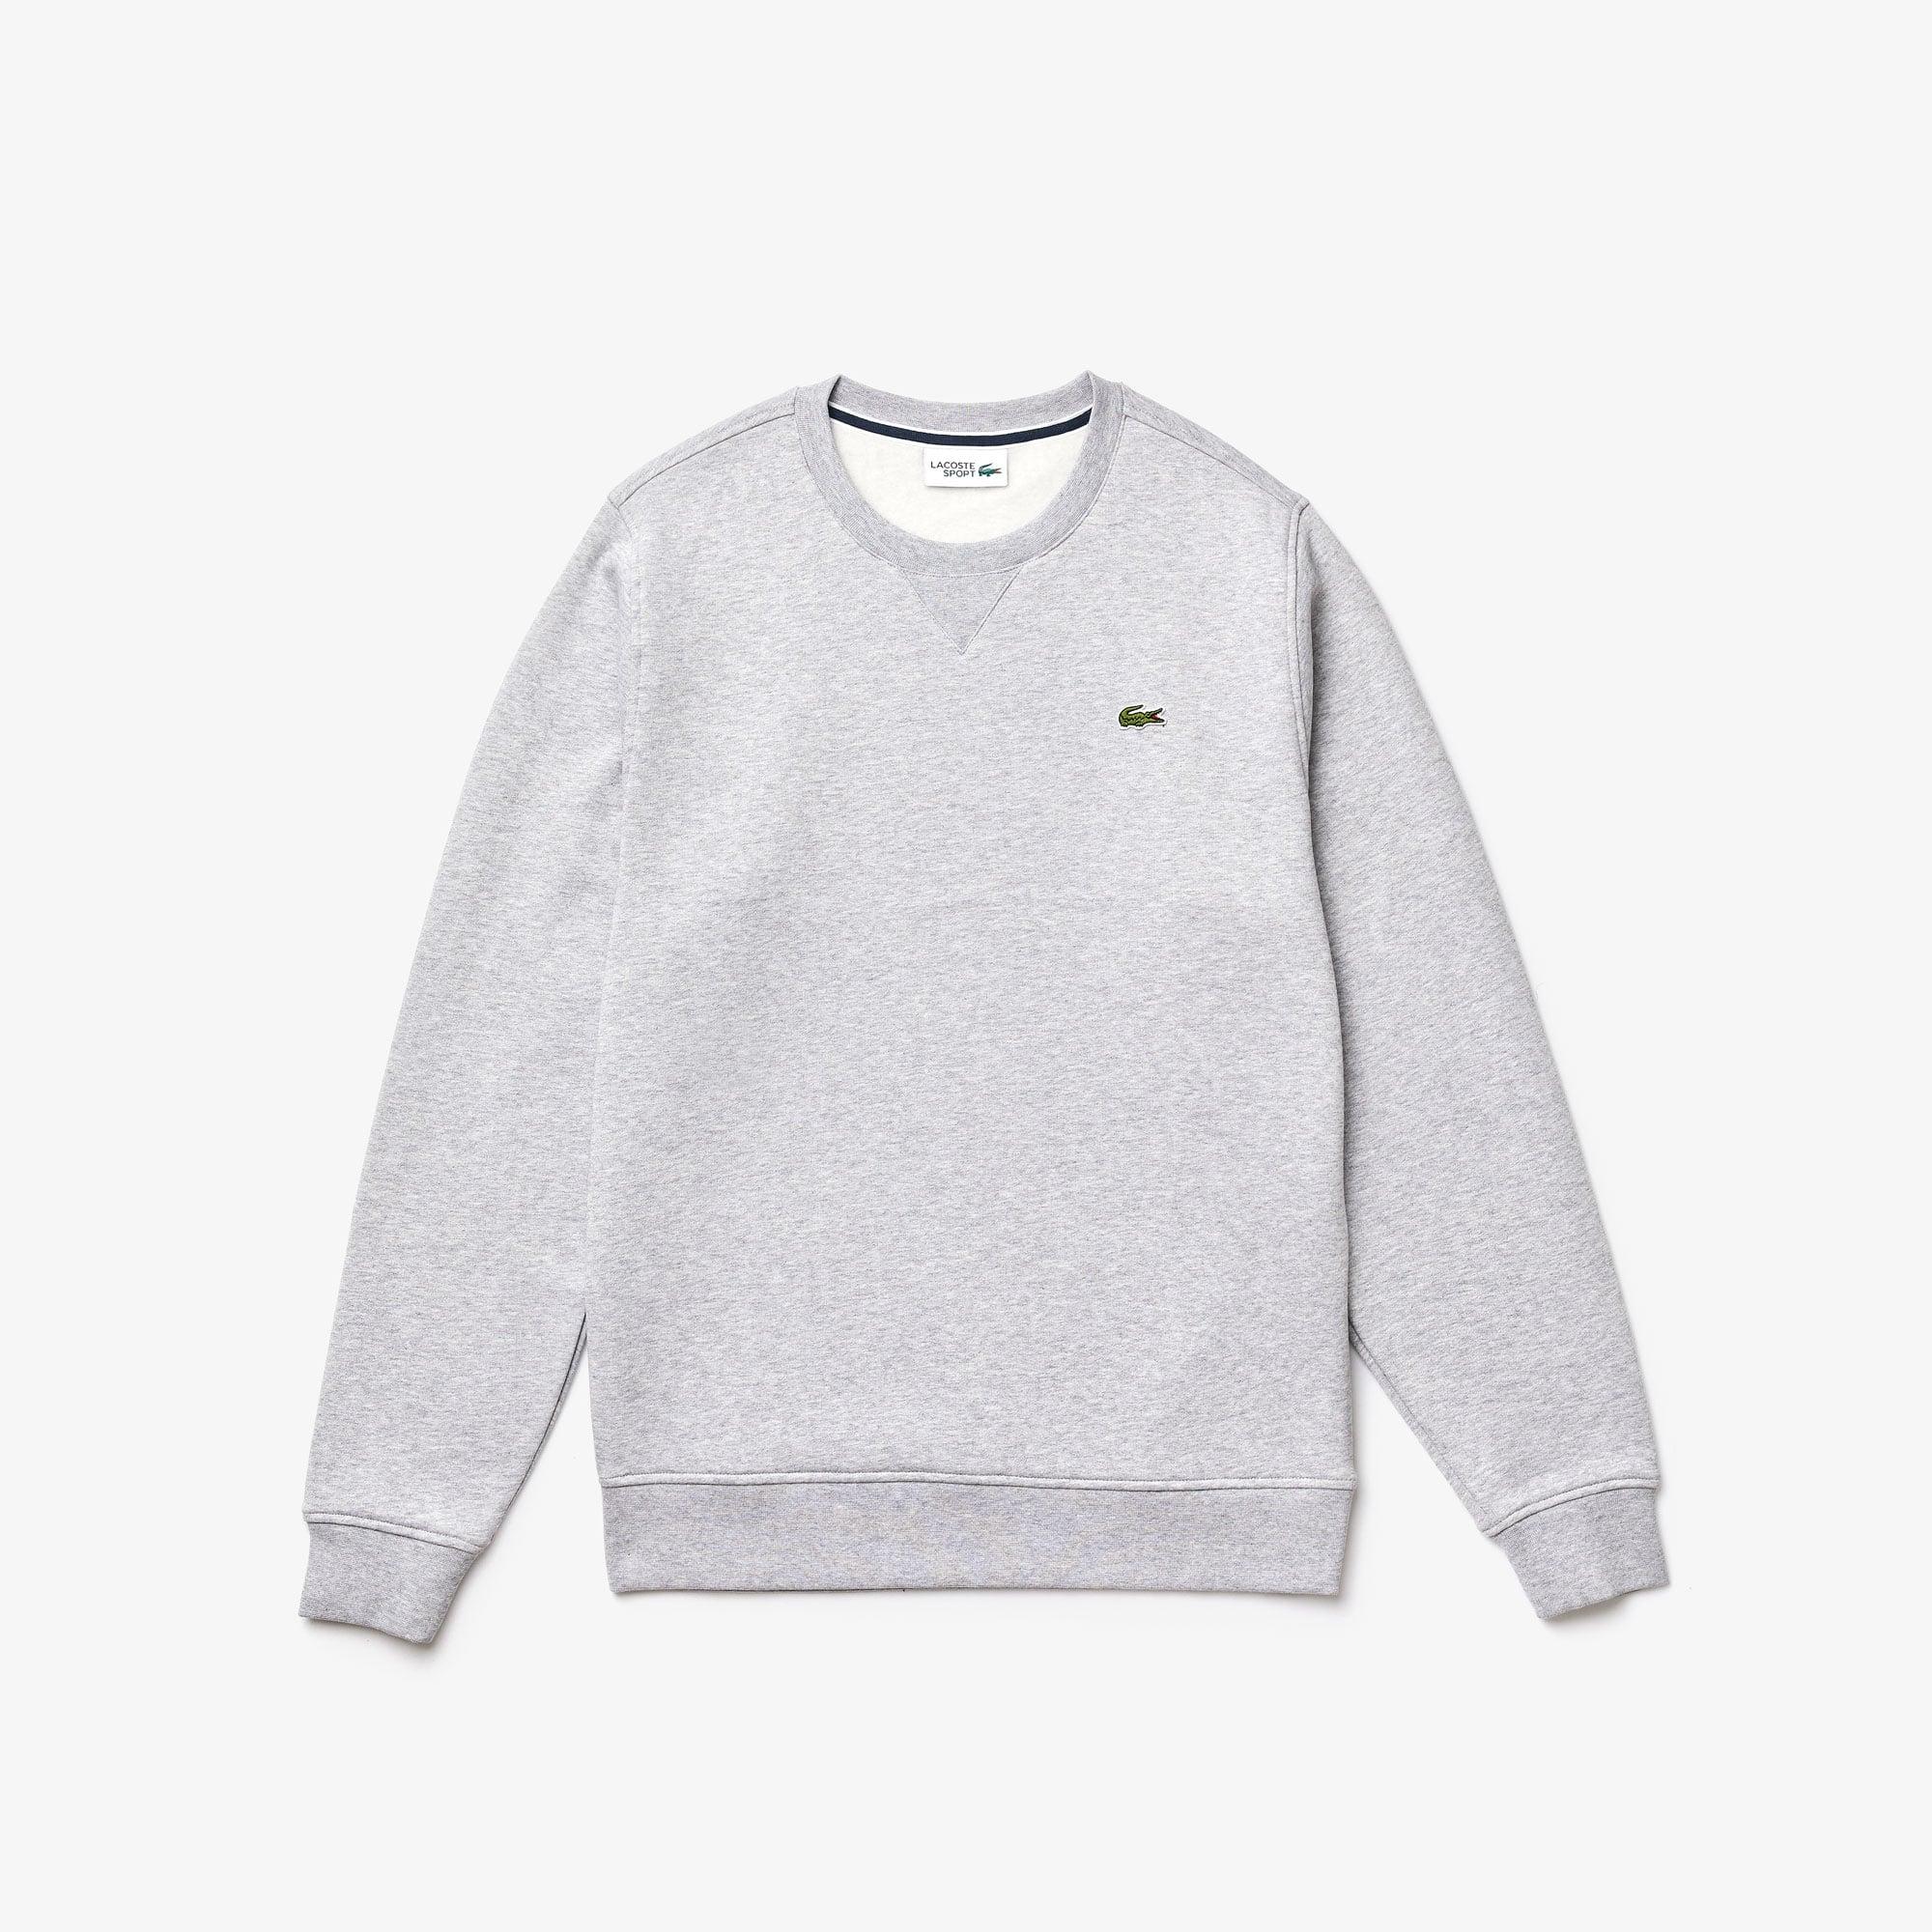 SweatshirtsVêtements Lacoste Homme SweatshirtsVêtements Homme Lacoste SweatshirtsVêtements Homme Lacoste nP0Owk